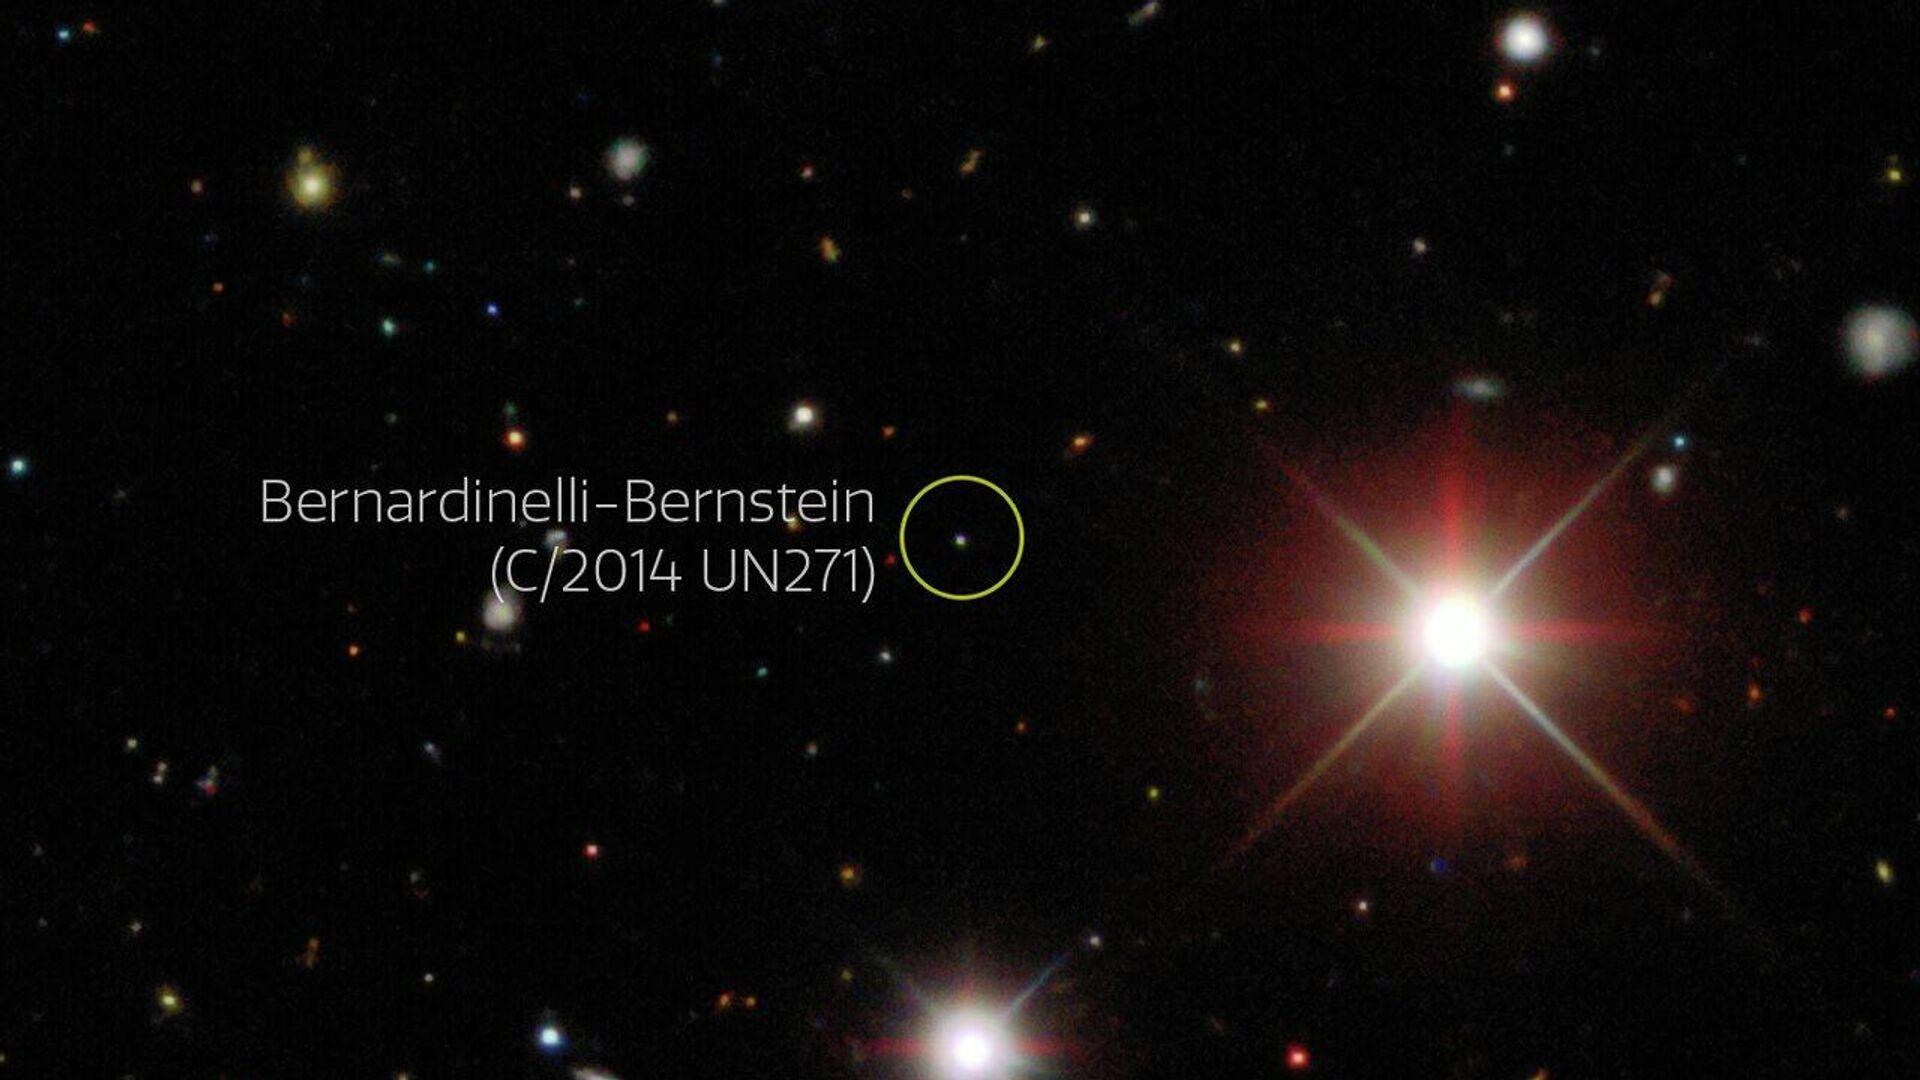 Comet Bernardinelli-Bernstein - Sputnik Mundo, 1920, 01.07.2021